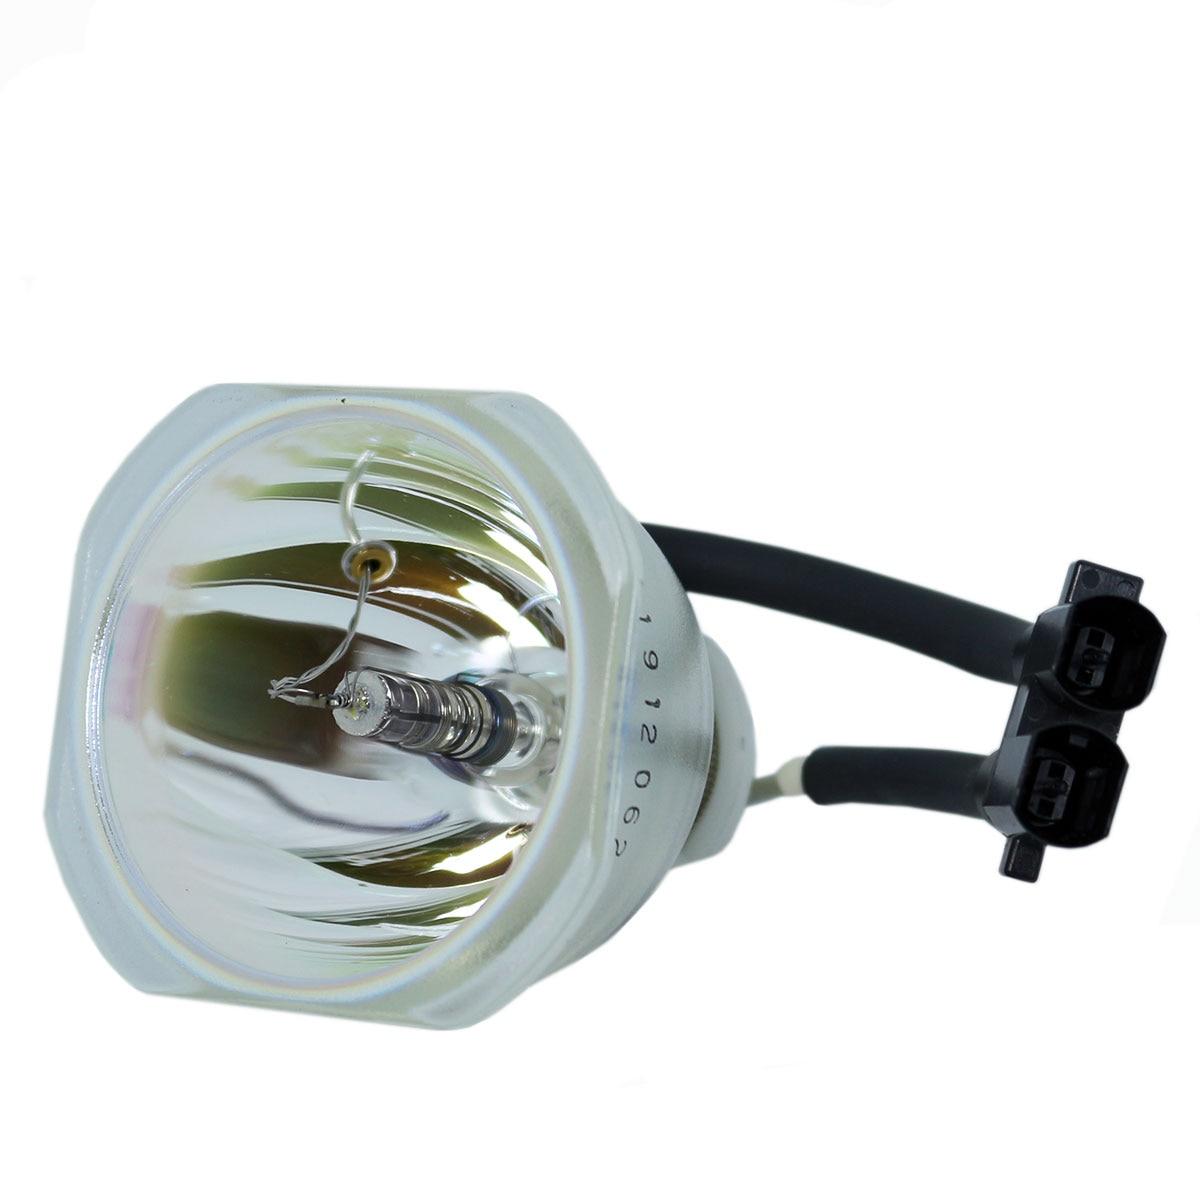 Compatible Bare Bulb VLT-SE2LP VLTSE2LP for Mitsubishi SE2 LVP-SE2 LVP-SE2U Projector Lamp Bulb without housing compatible bare bulb lv lp06 4642a001 for canon lv 7525 lv 7525e lv 7535 lv 7535u projector lamp bulb without housing